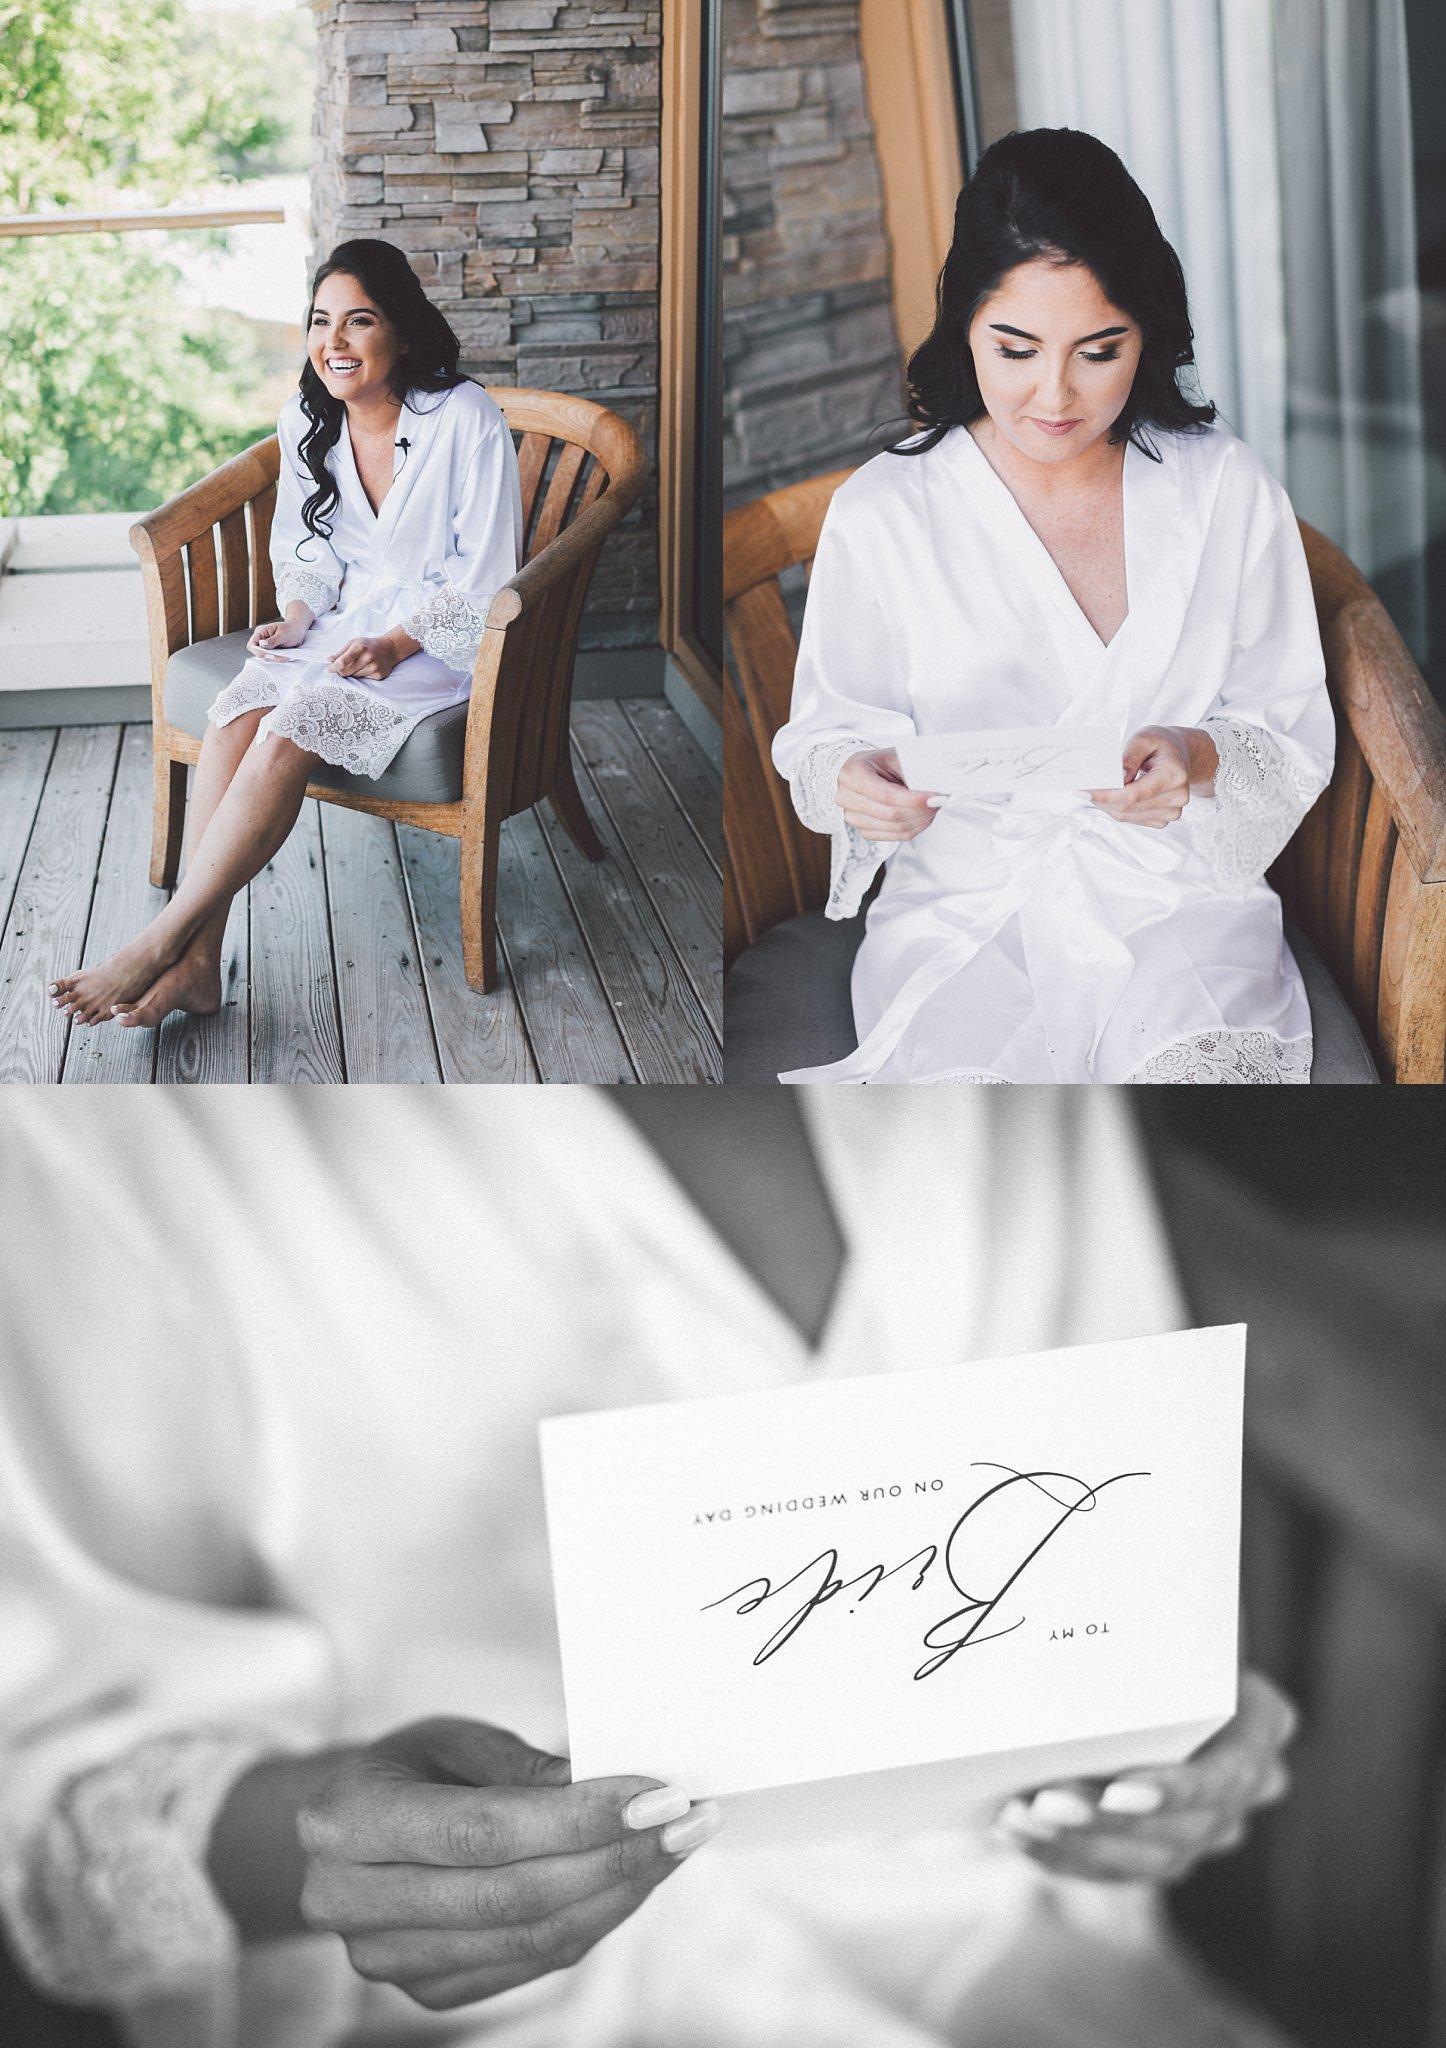 finger lakes wedding photography larkin and trevor_0206.jpg